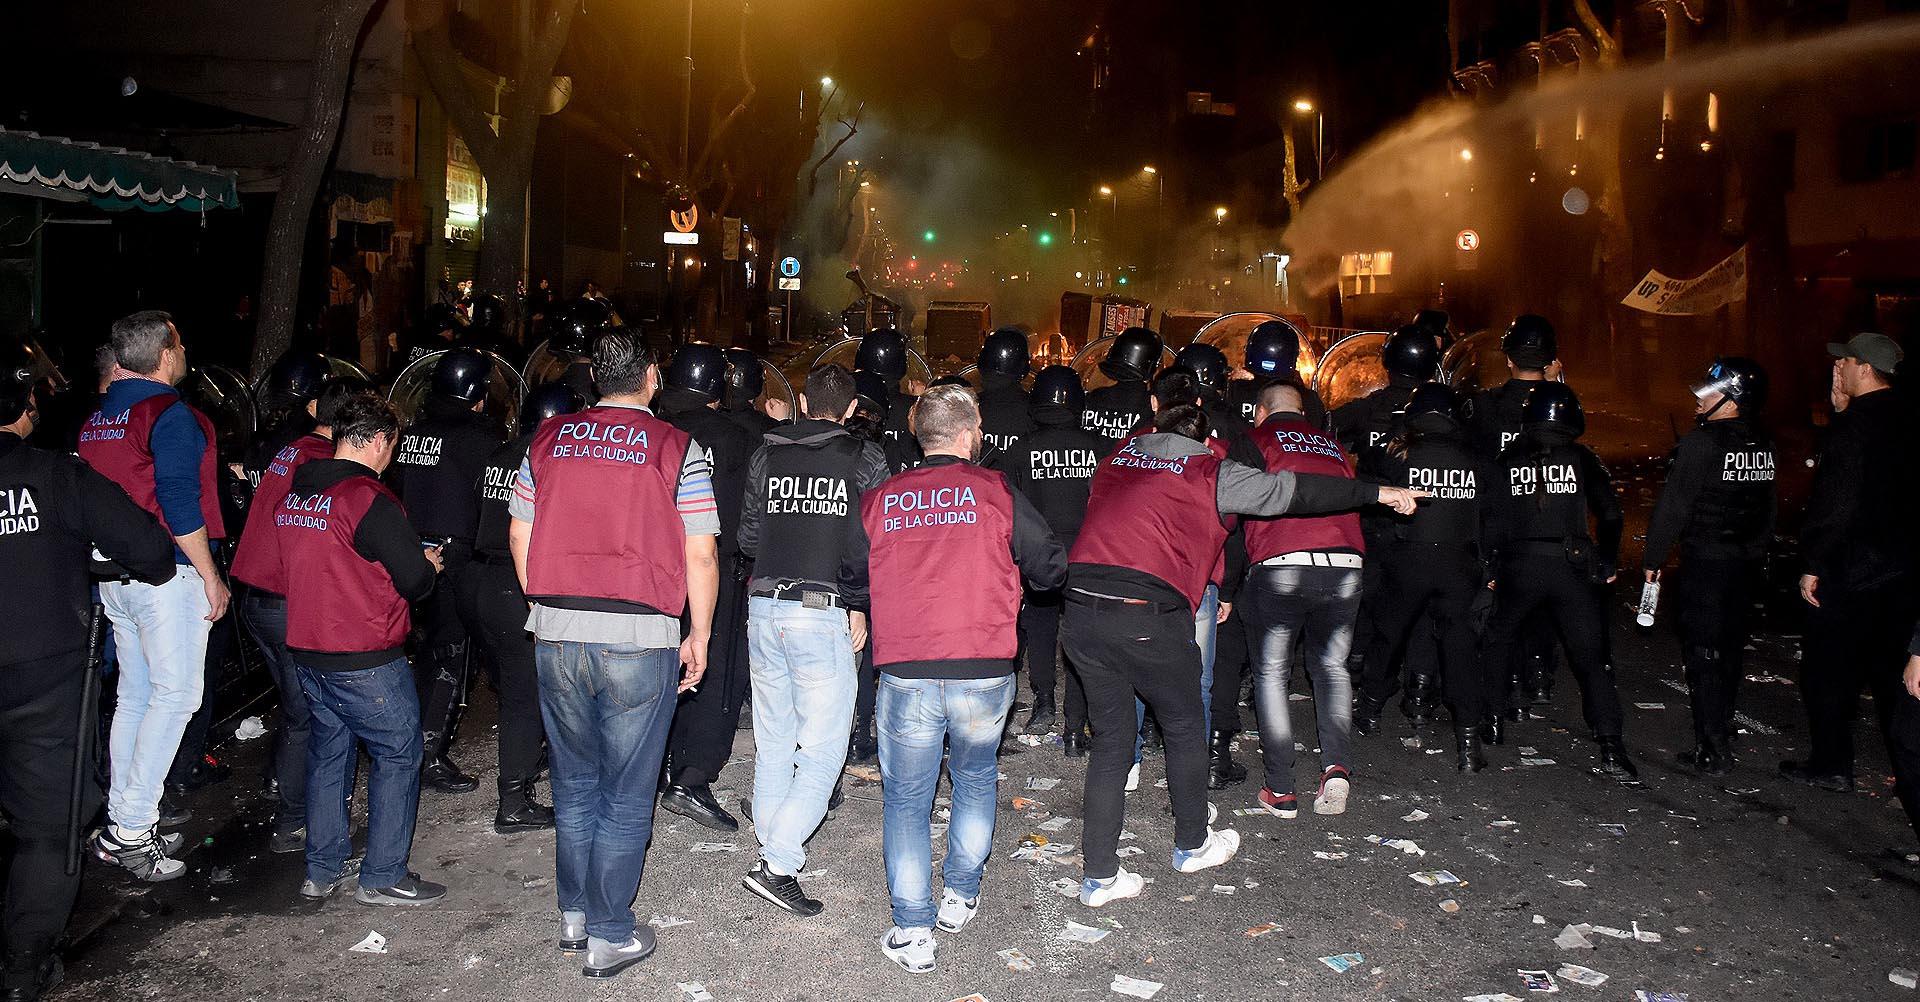 Los manifestantes se enfrentaron con la Policía de la Ciudad